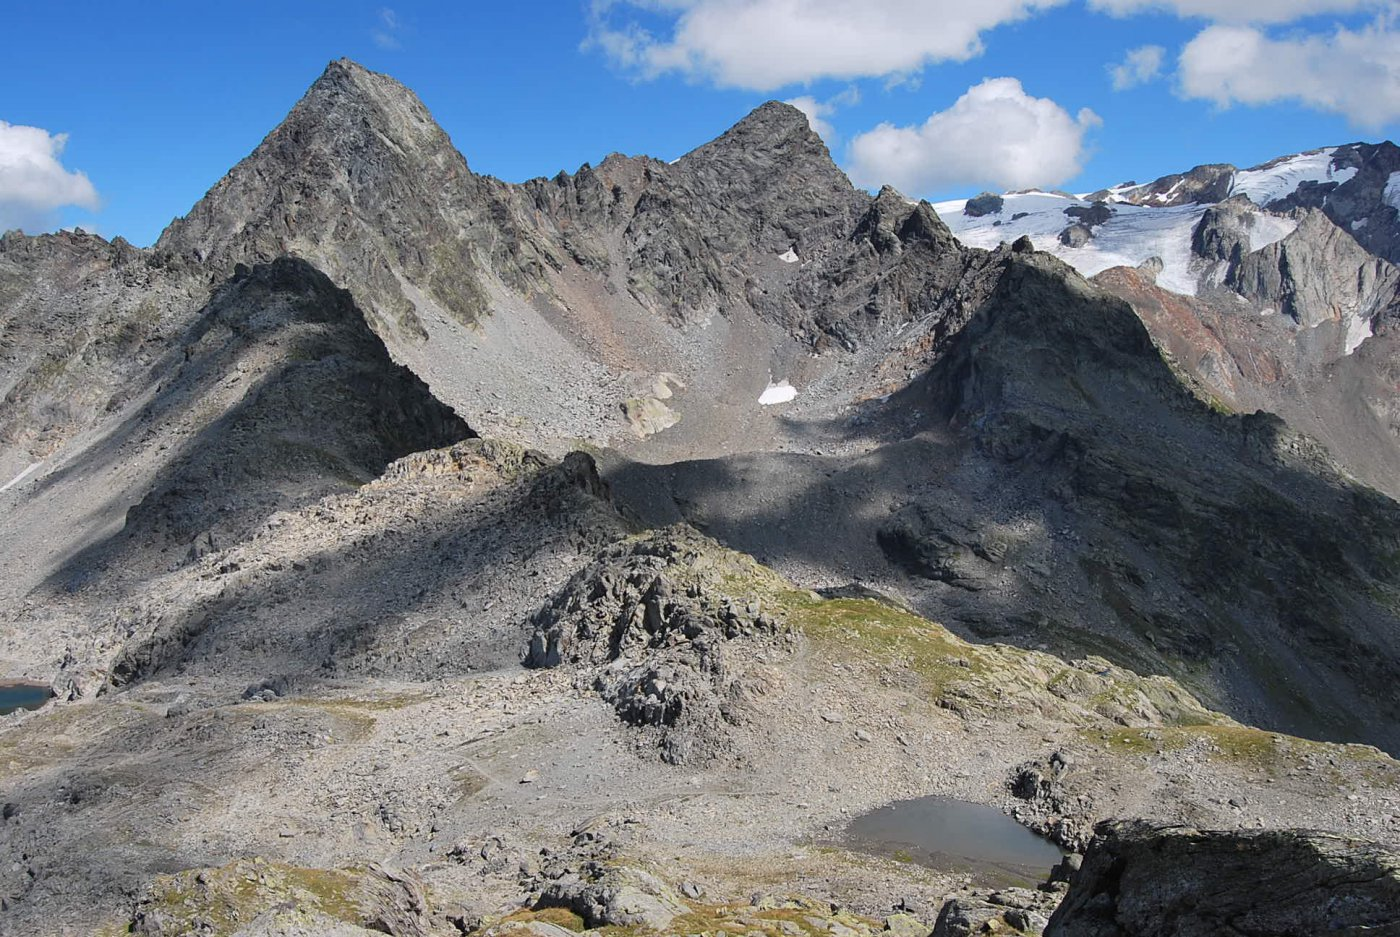 Dalla quota 2730 ca sopra il colle: Gd. Assaly, Punta Loydon, Ghiacciaio d'Invernet con la Becca du Lac